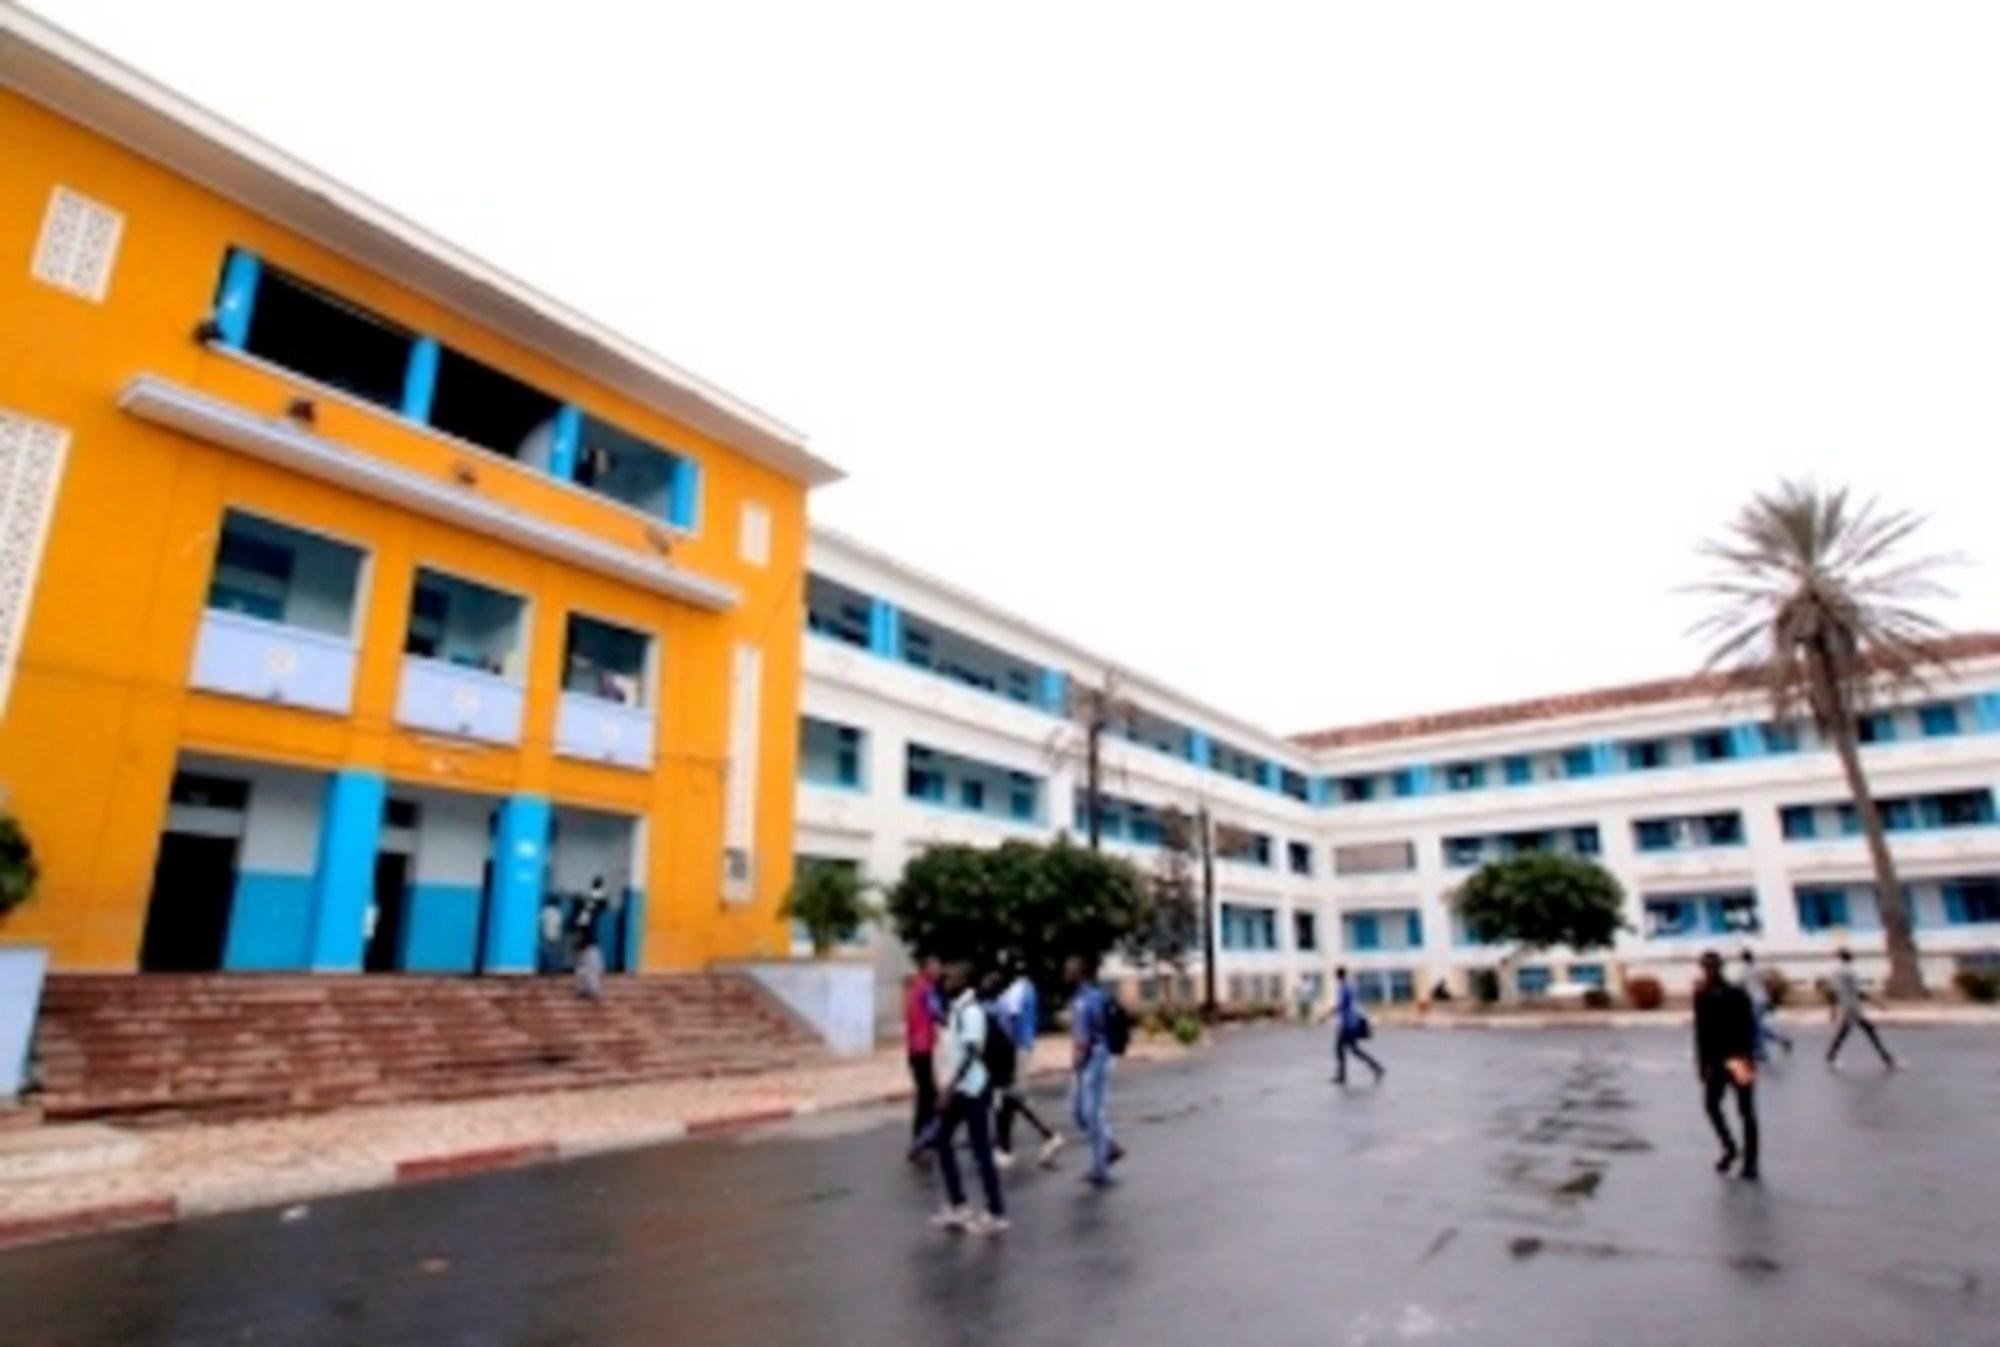 Construction de pavillons universitaires, le DSC au cœur d'un scandale